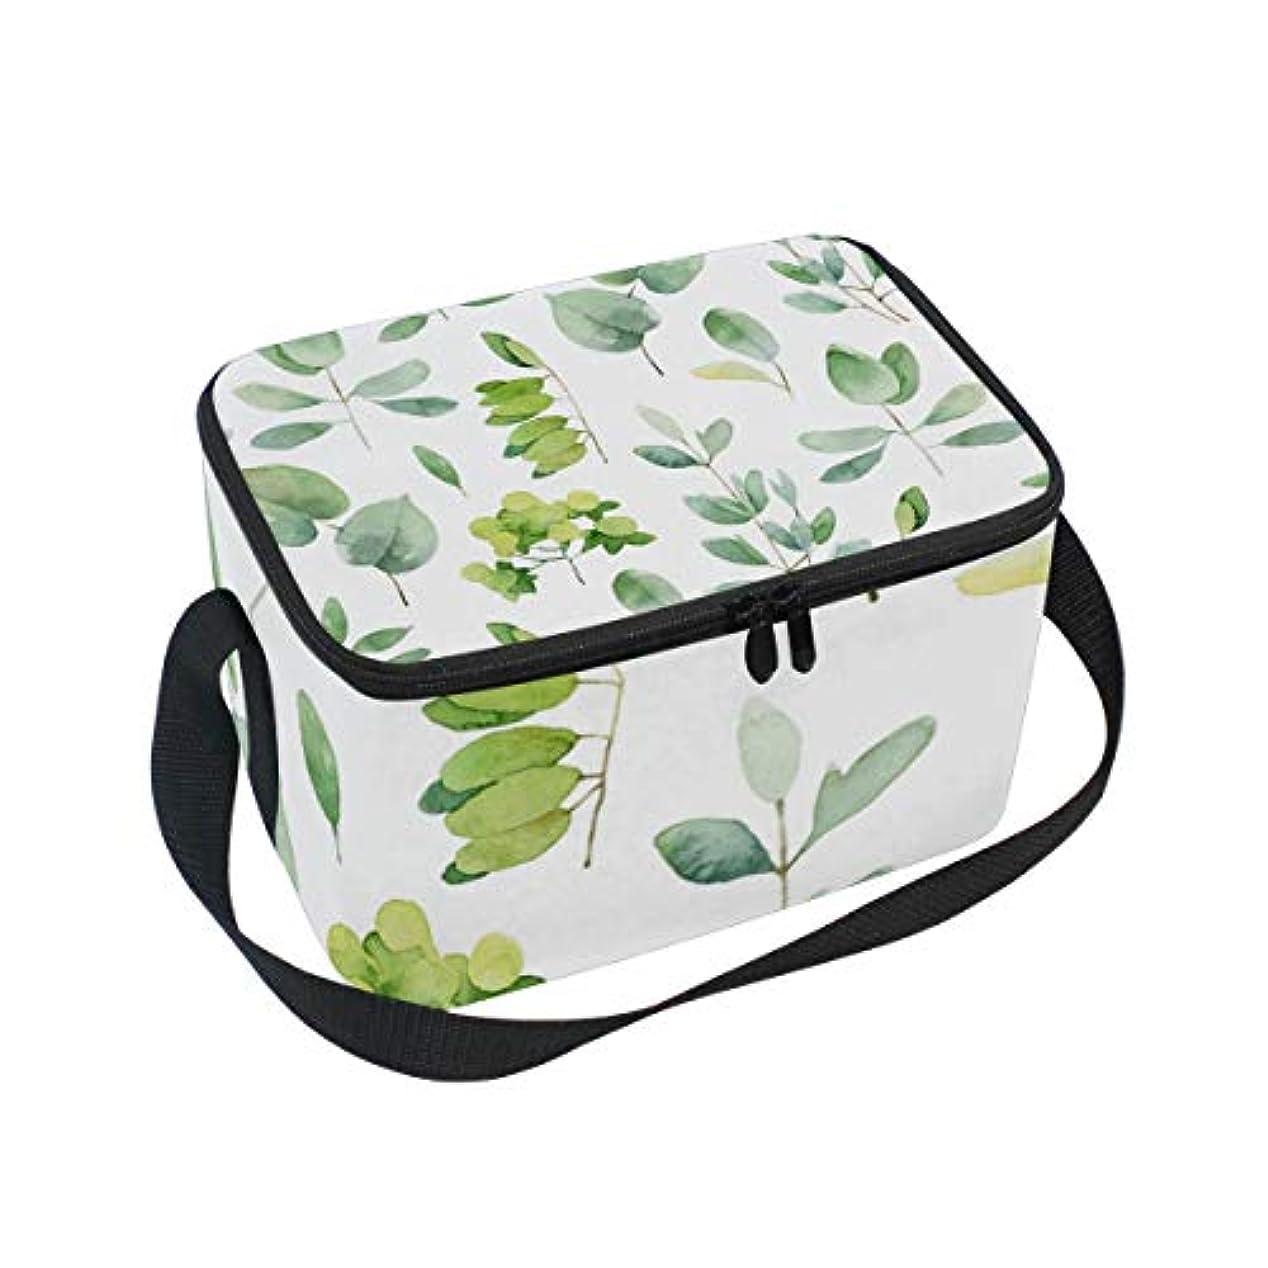 品種再開測定クーラーバッグ クーラーボックス ソフトクーラ 冷蔵ボックス キャンプ用品  ハーブの葉柄 水彩画 保冷保温 大容量 肩掛け お花見 アウトドア